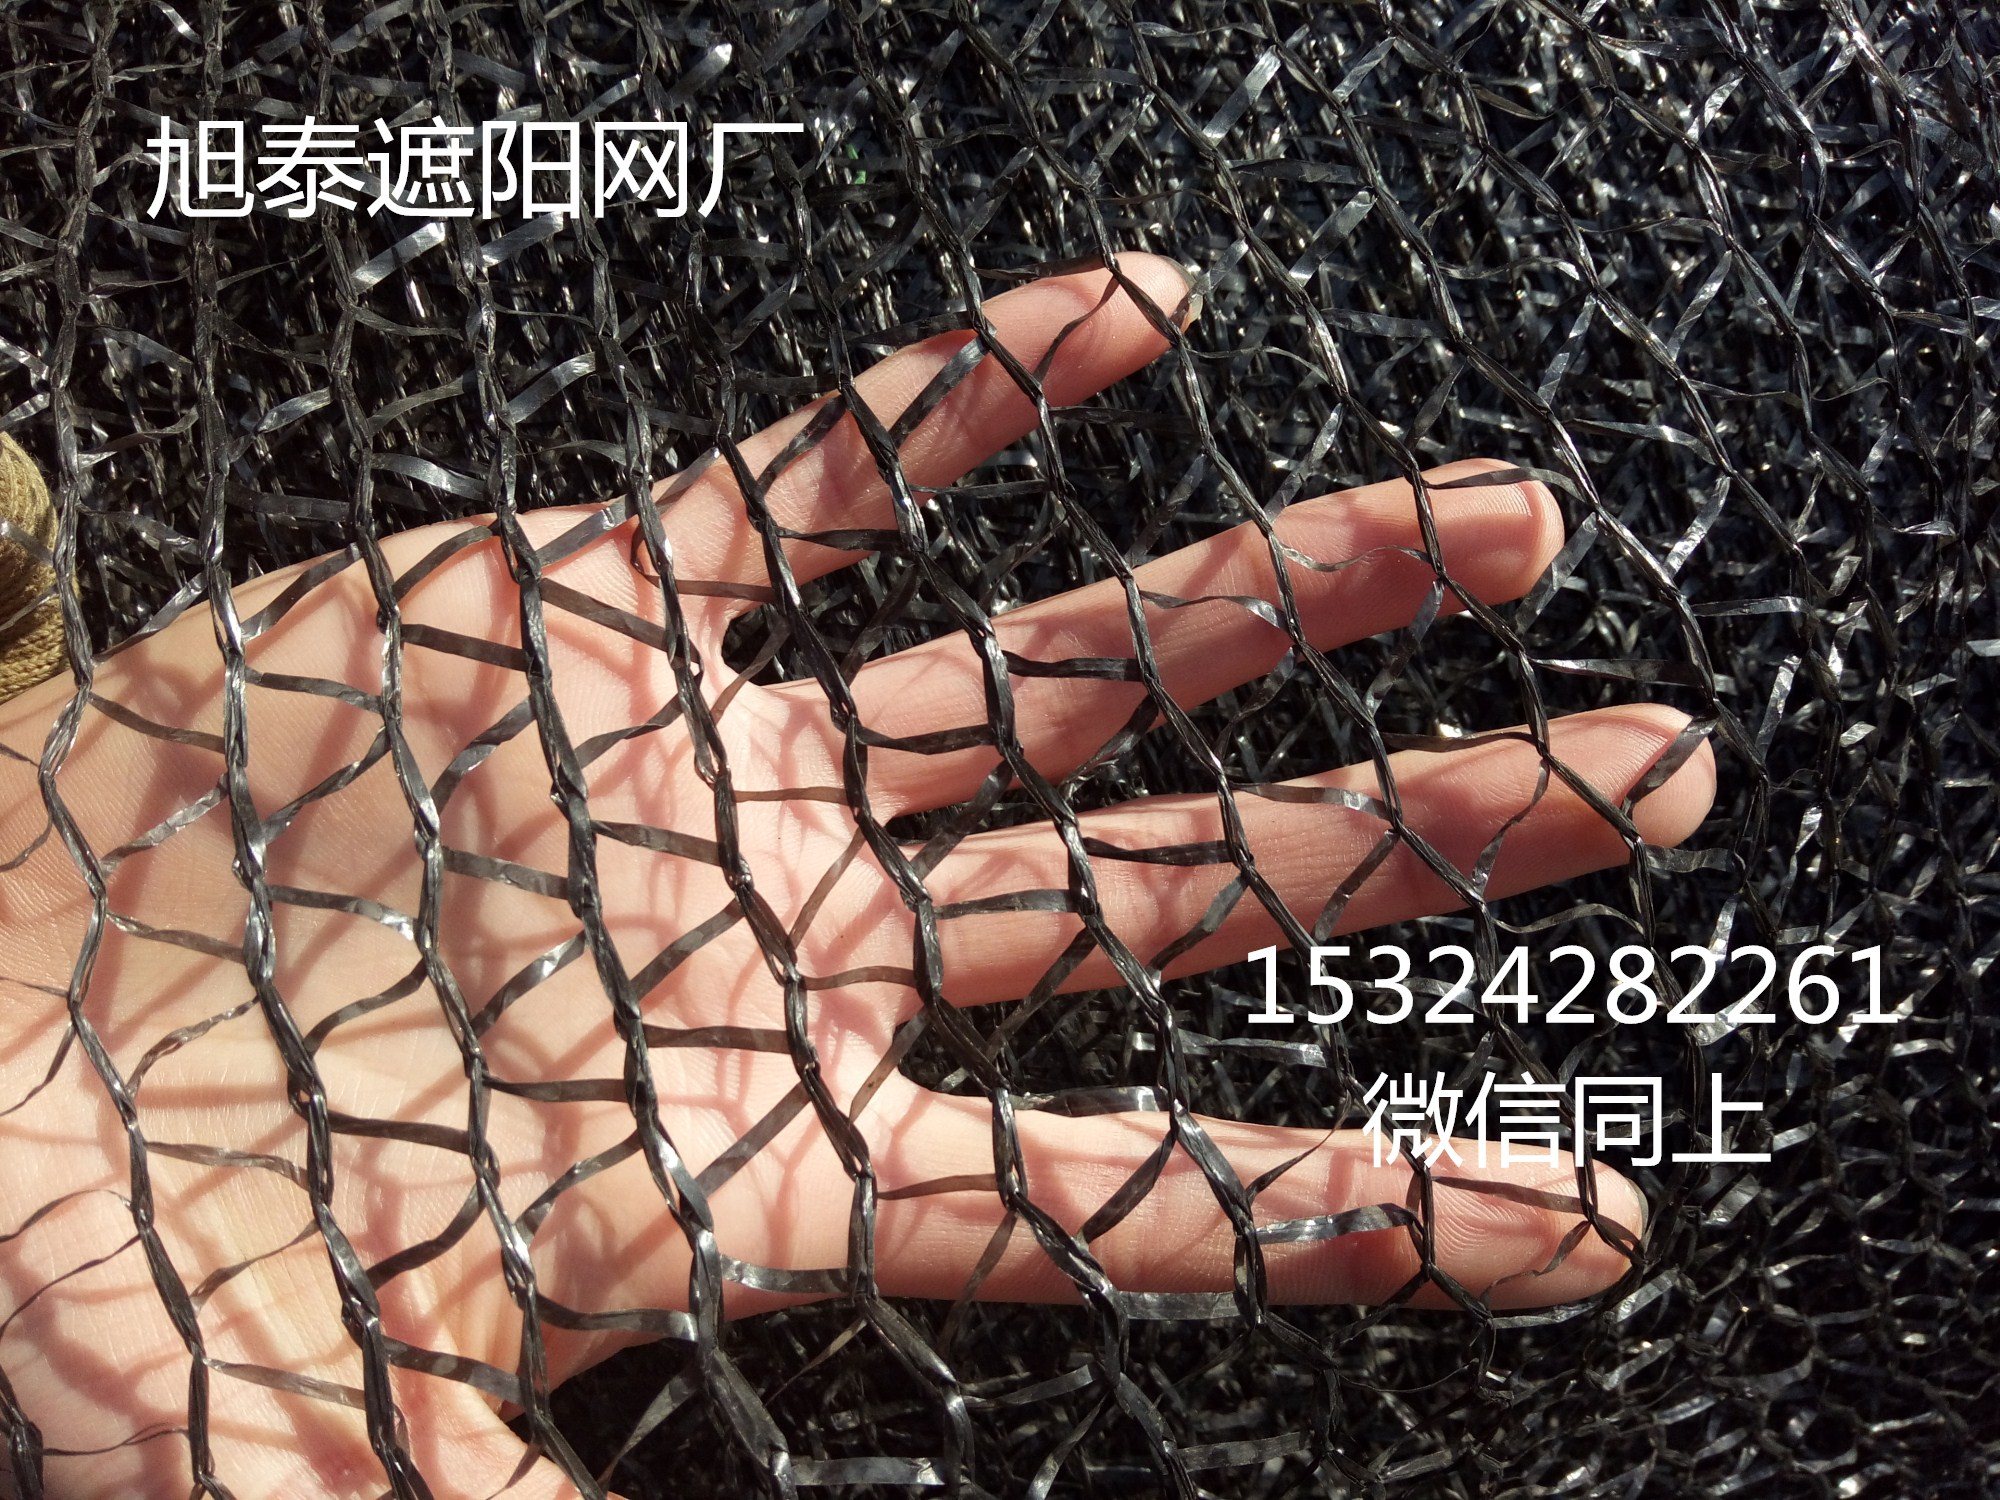 全新料黑色遮阳网图片/全新料黑色遮阳网样板图 (3)